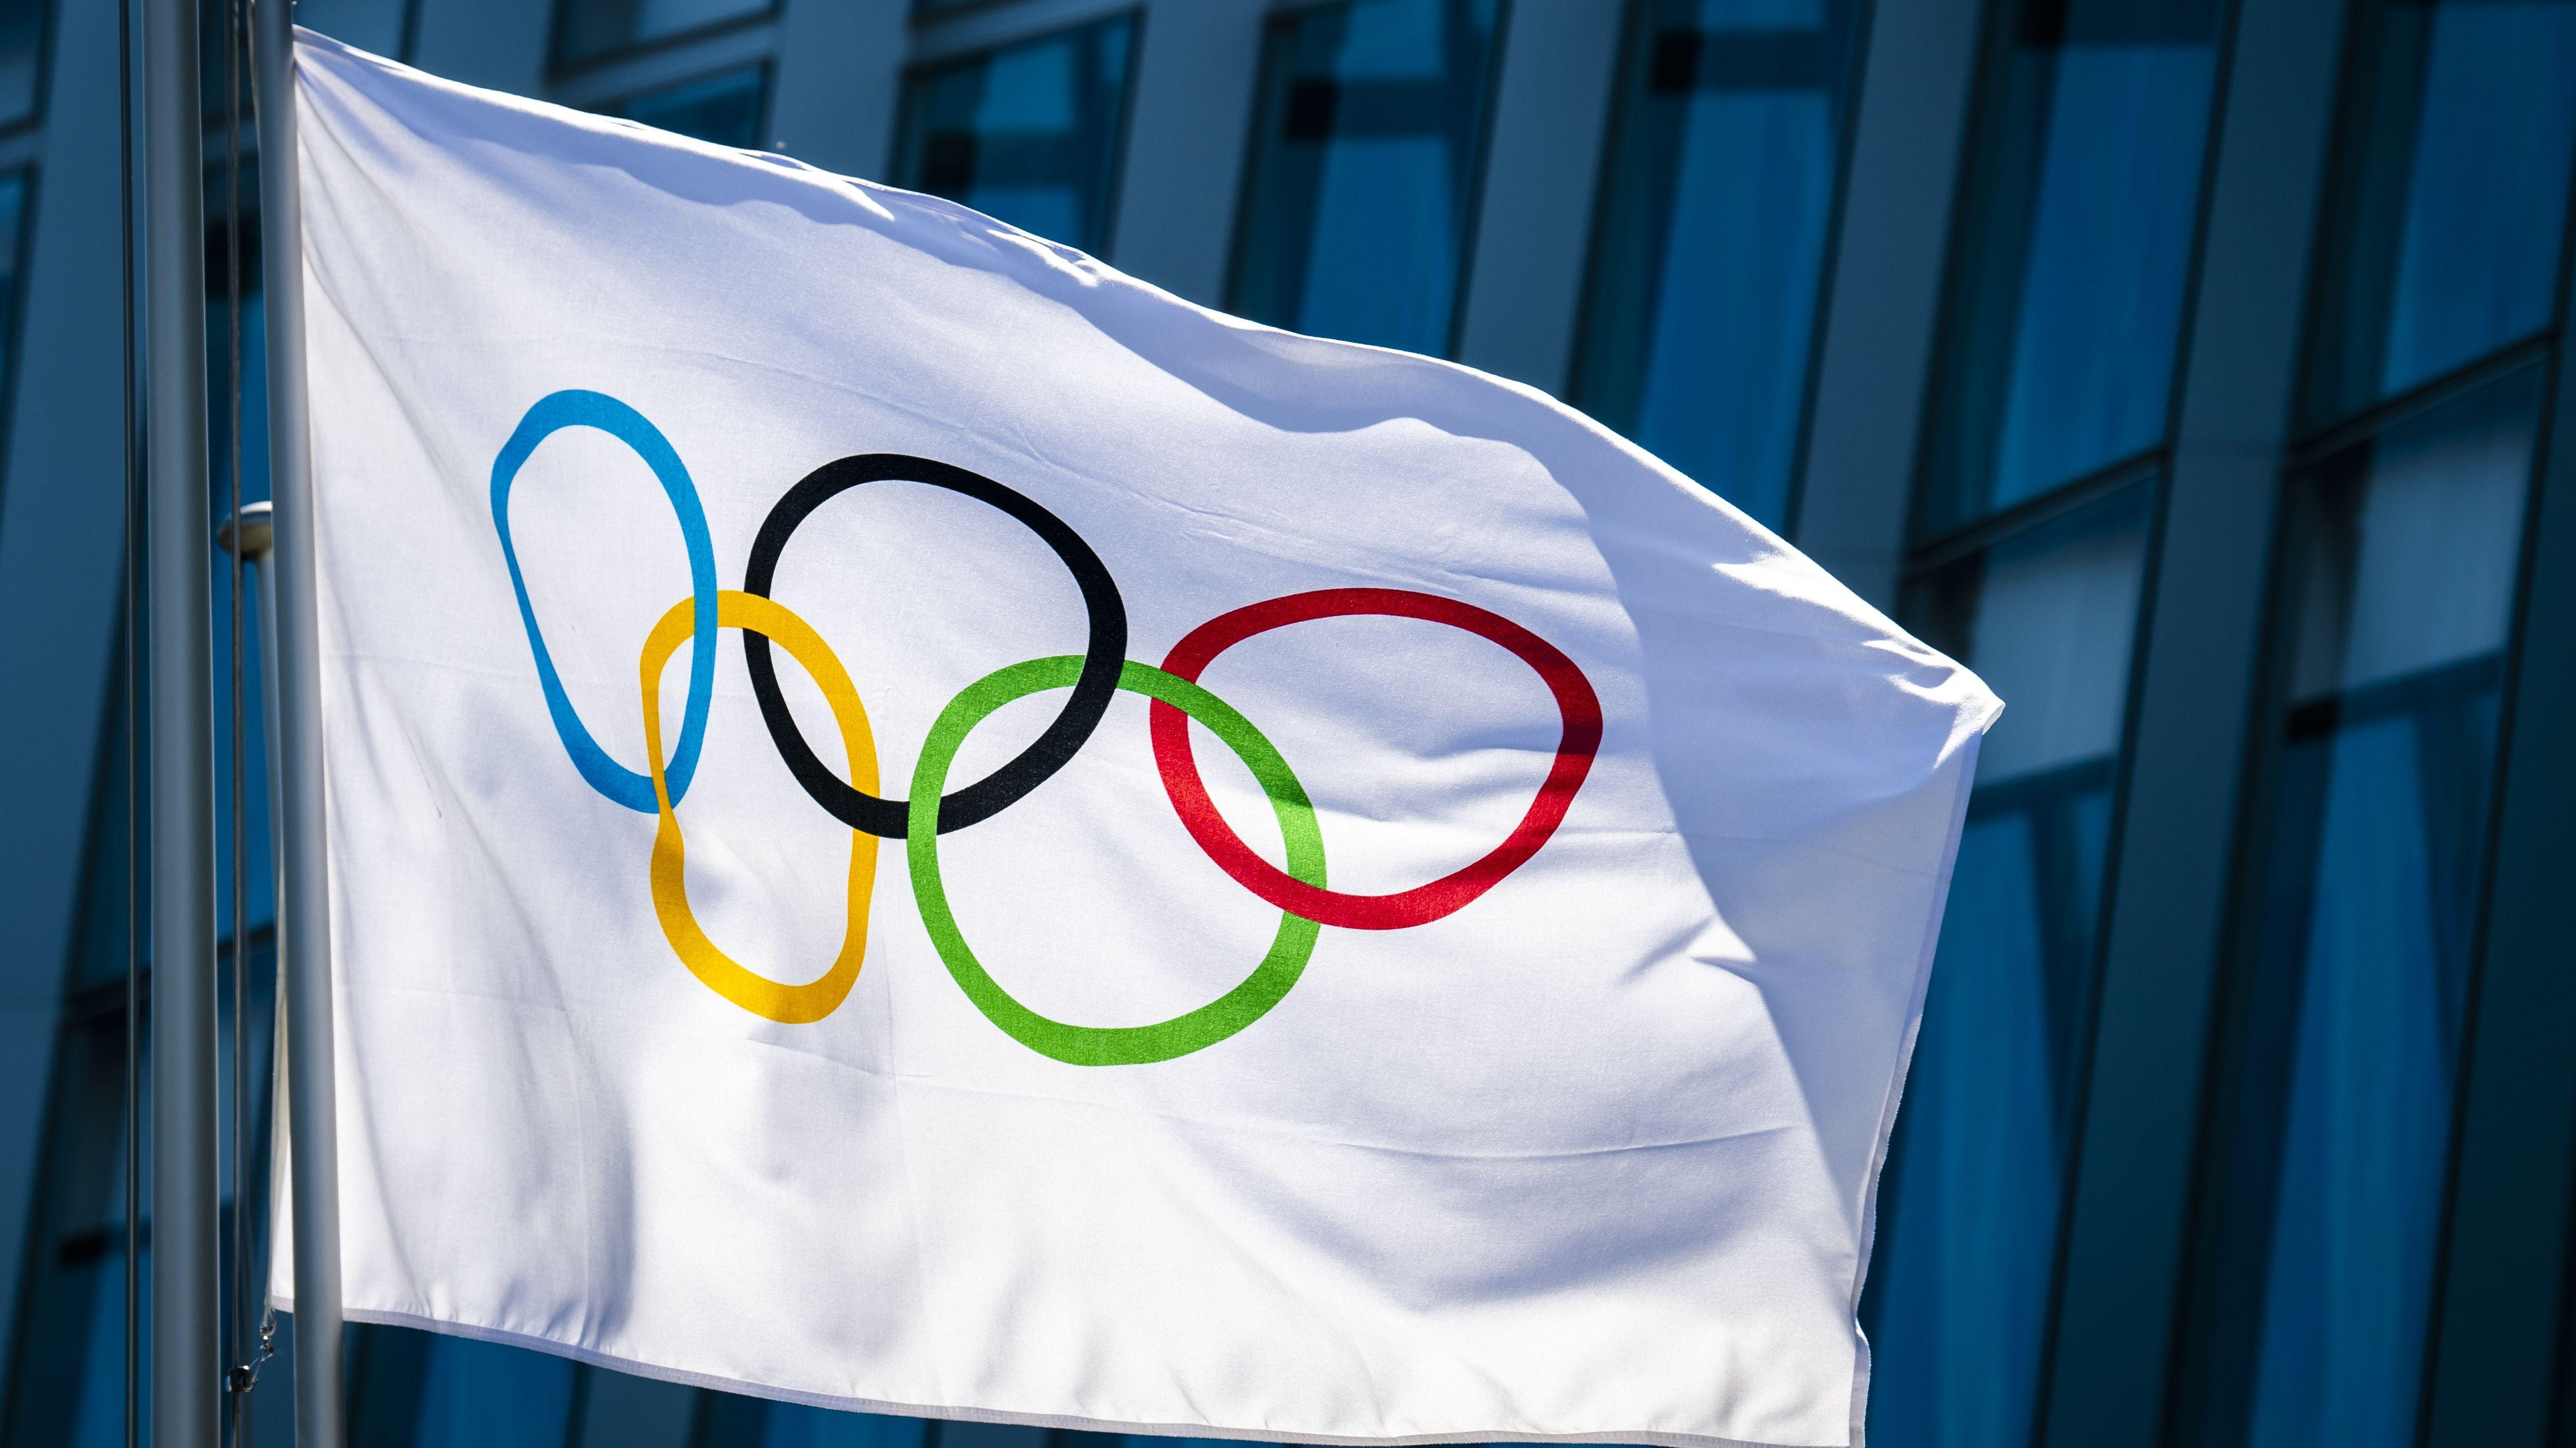 Fahne mit Olympischen Ringen